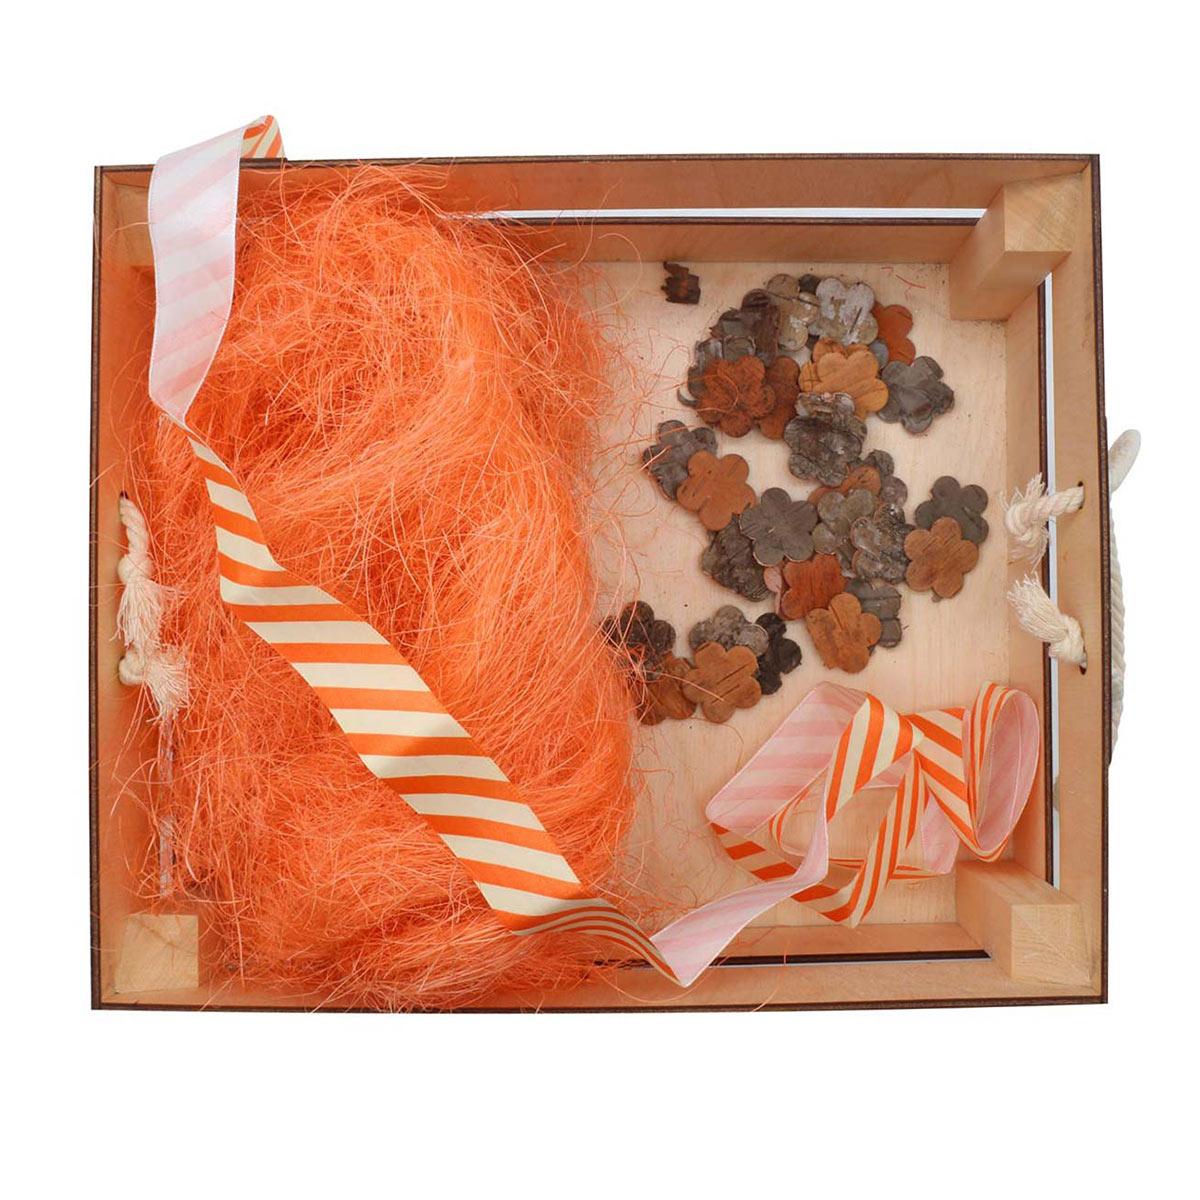 Деревянный ящик для оформления подарка с наполнением №5, 25*30 см